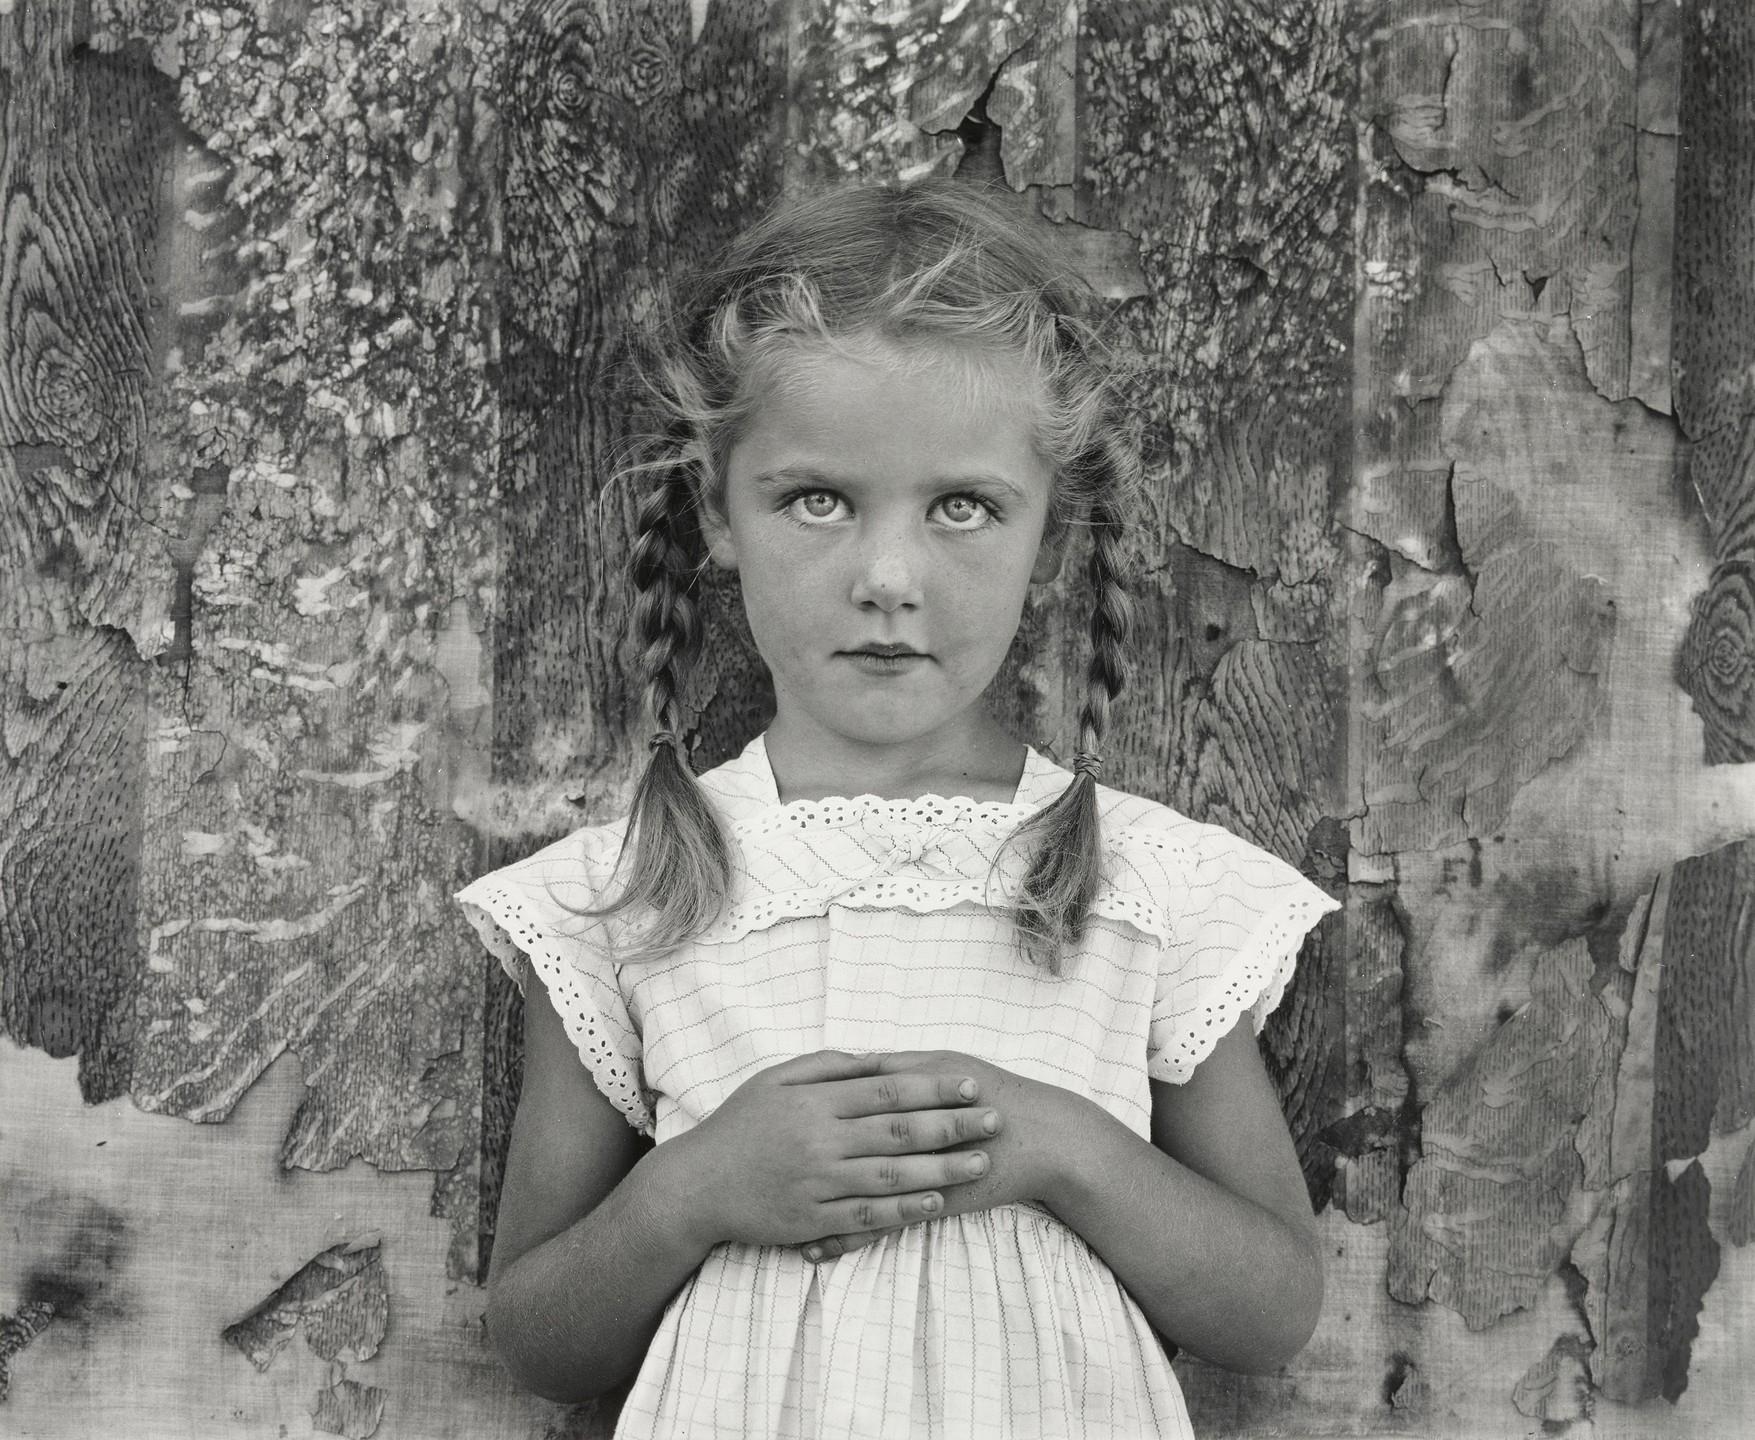 Foto em preto de branco do fotógrafo Frederick Sommer, intitulada Livia. A imagem apresenta uma menina branca, loira e de olhos claros, e possui no máximo sete anos. Seu cabelo está dividido em duas tranças, ela usa um vestido branco com orlas de renda, as mãos juntas em cima da barriga. Ela está encostada em uma parede de madeira descascada, e olha diretamente para a câmera.